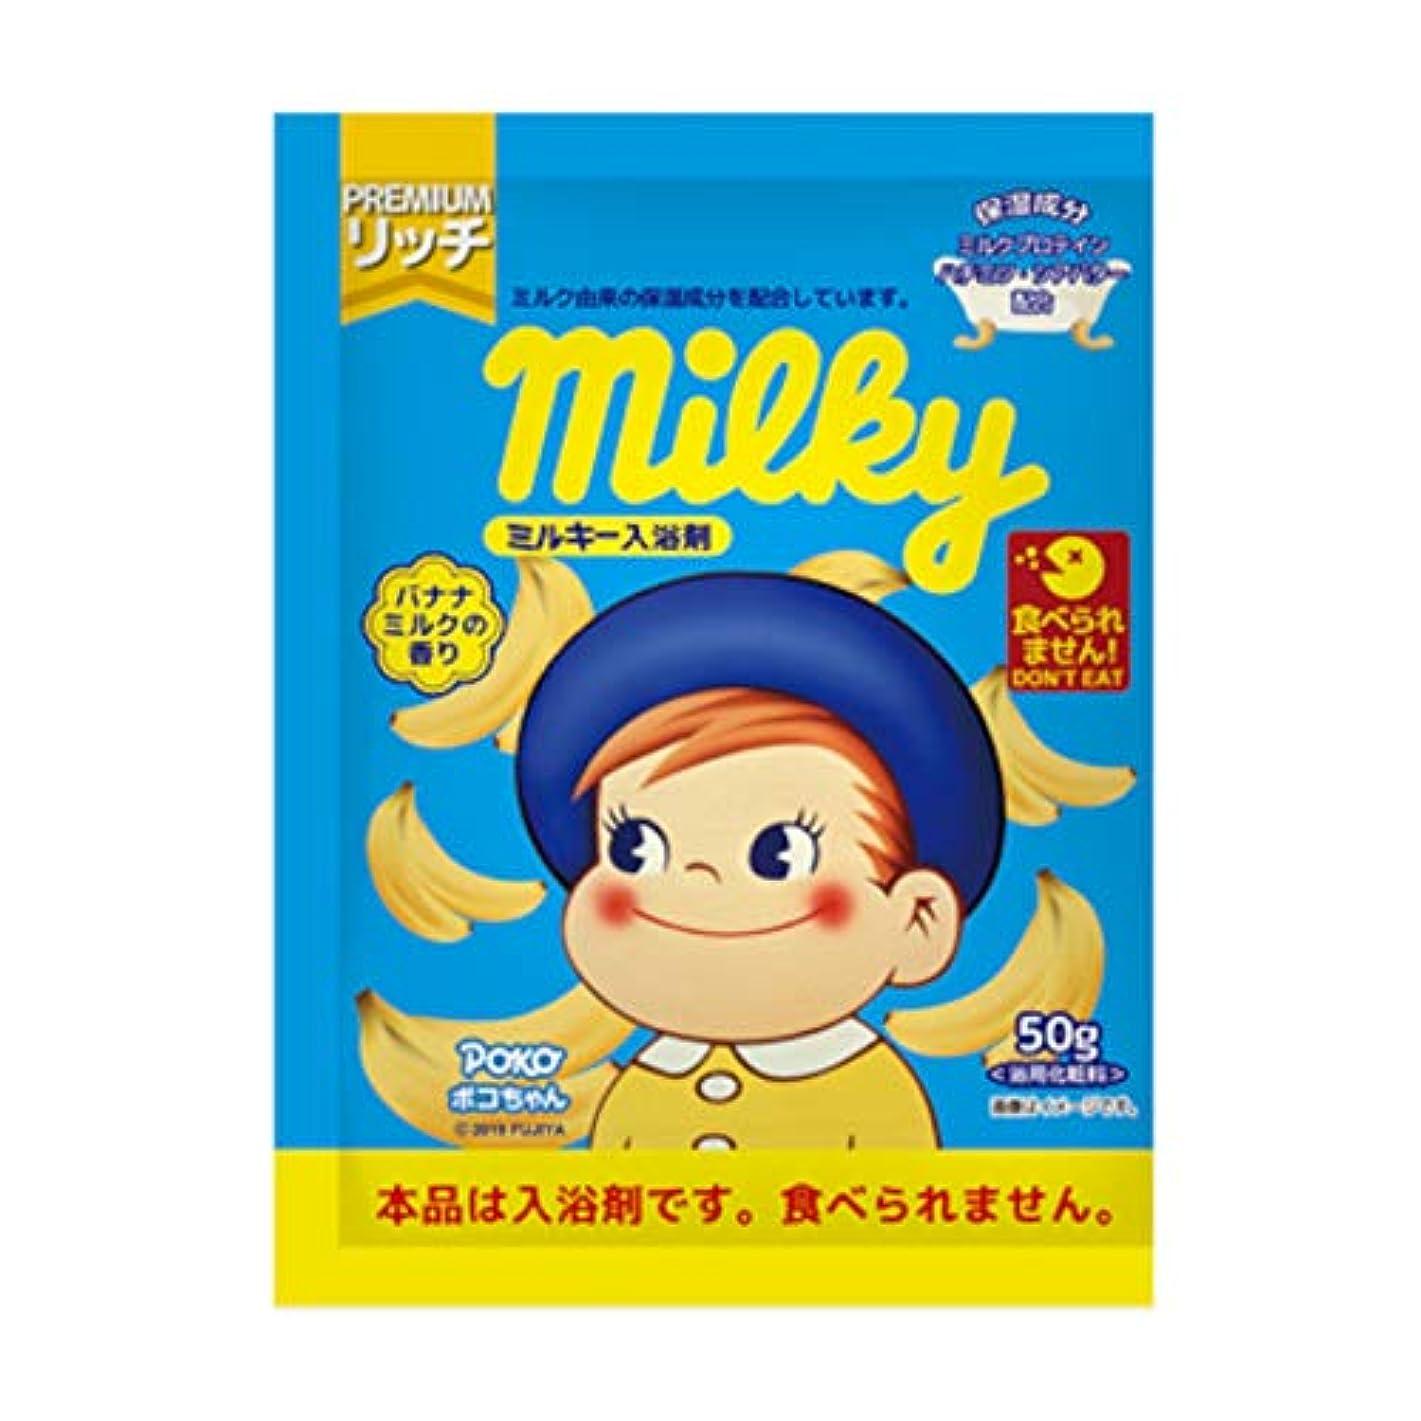 キッチン引き出す多数のミルキー入浴剤 ポコちゃん バナナミルクの香り 50g N-8786